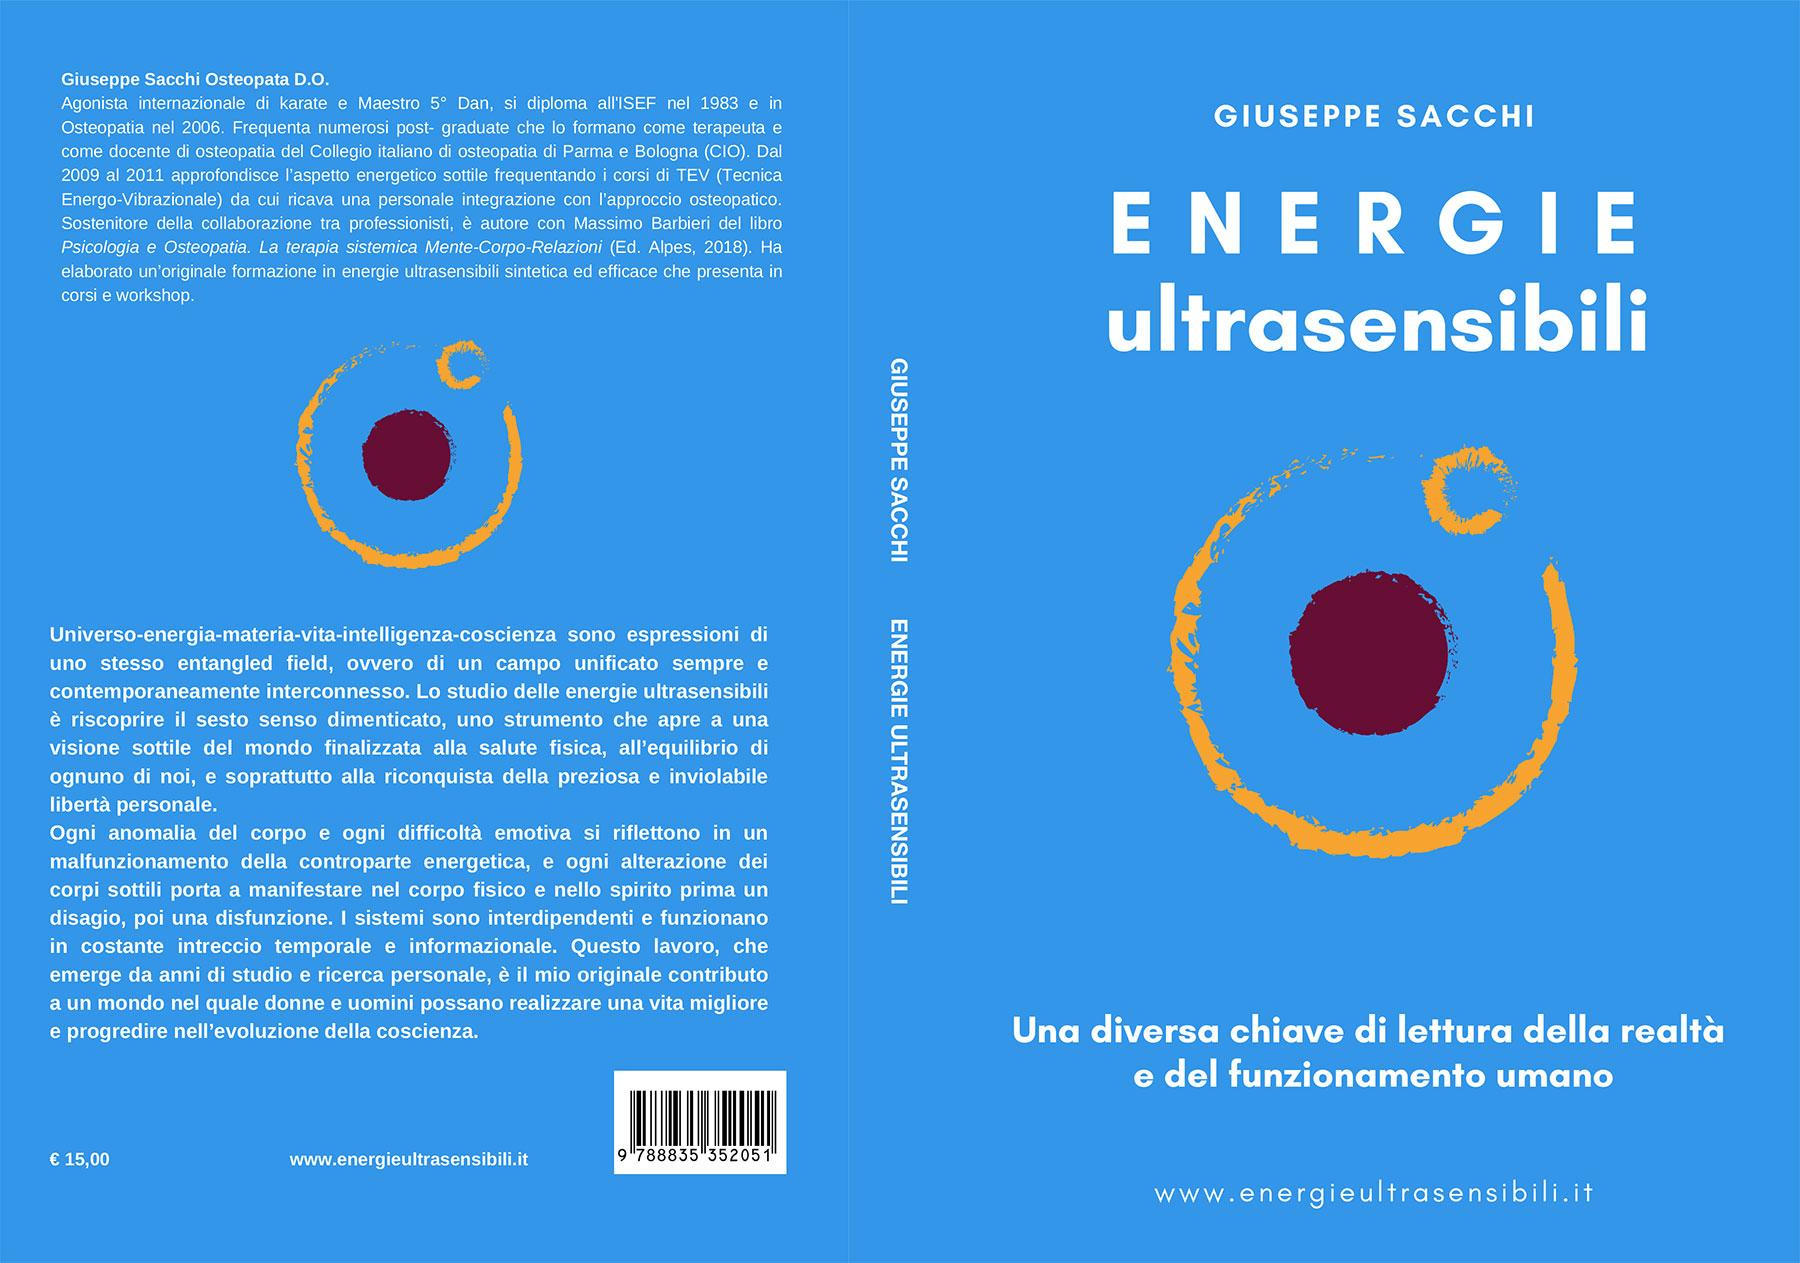 Energie Ultrasensibili - Libri Osteopata, Fisioterapia e Terapia del Benessere